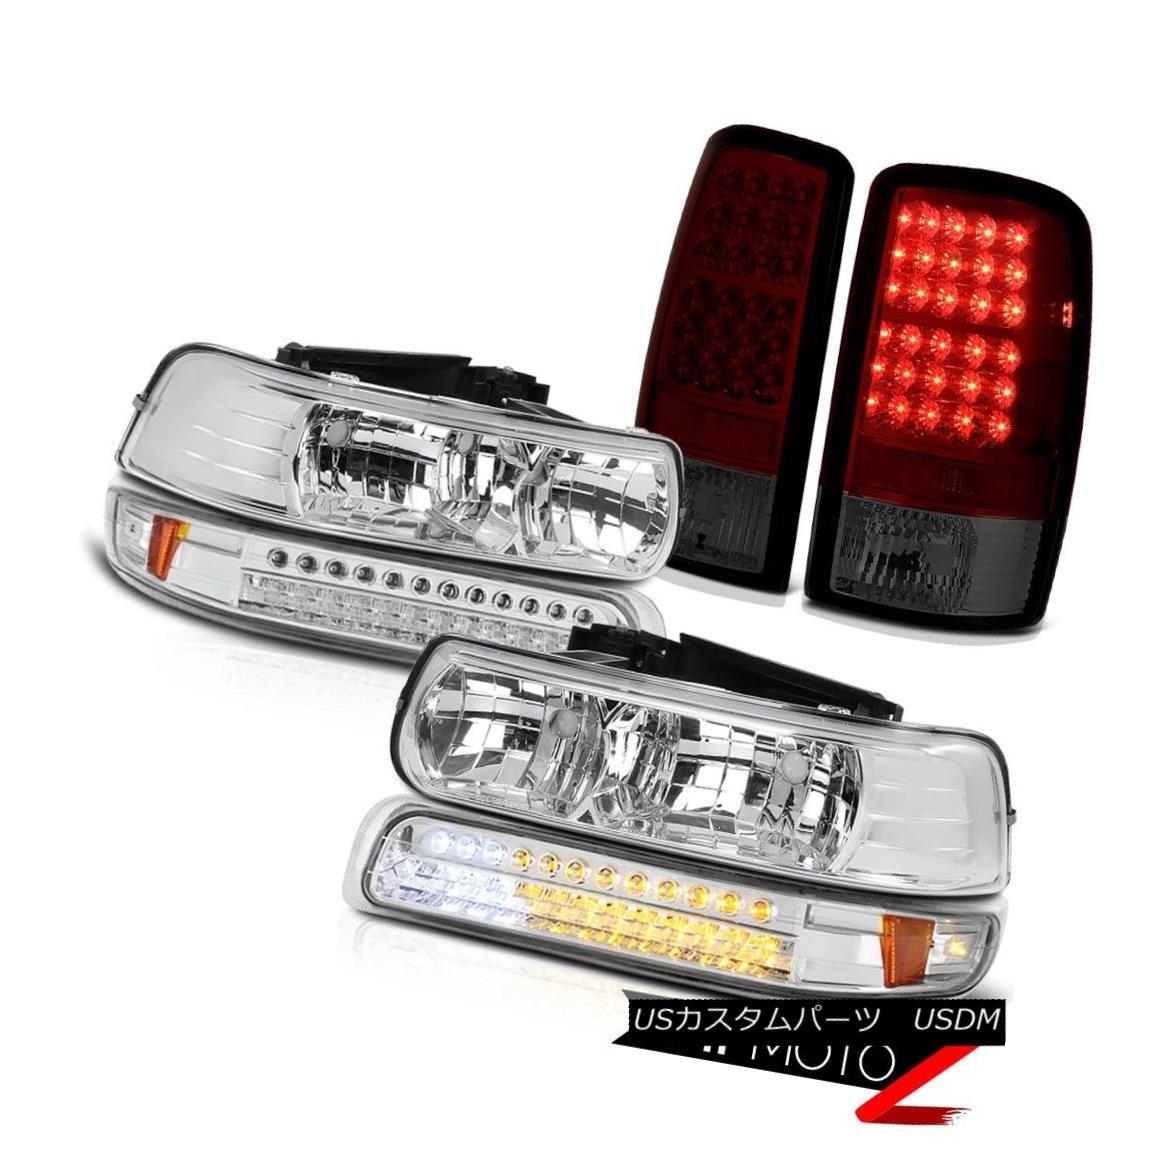 ヘッドライト Crystal Clear Headlights Parking Smokey Red Tail Lights 2000-2006 Suburban 6.0L クリスタルクリアヘッドライトパーキングスモーキーレッドテールライト2000-2006郊外6.0L